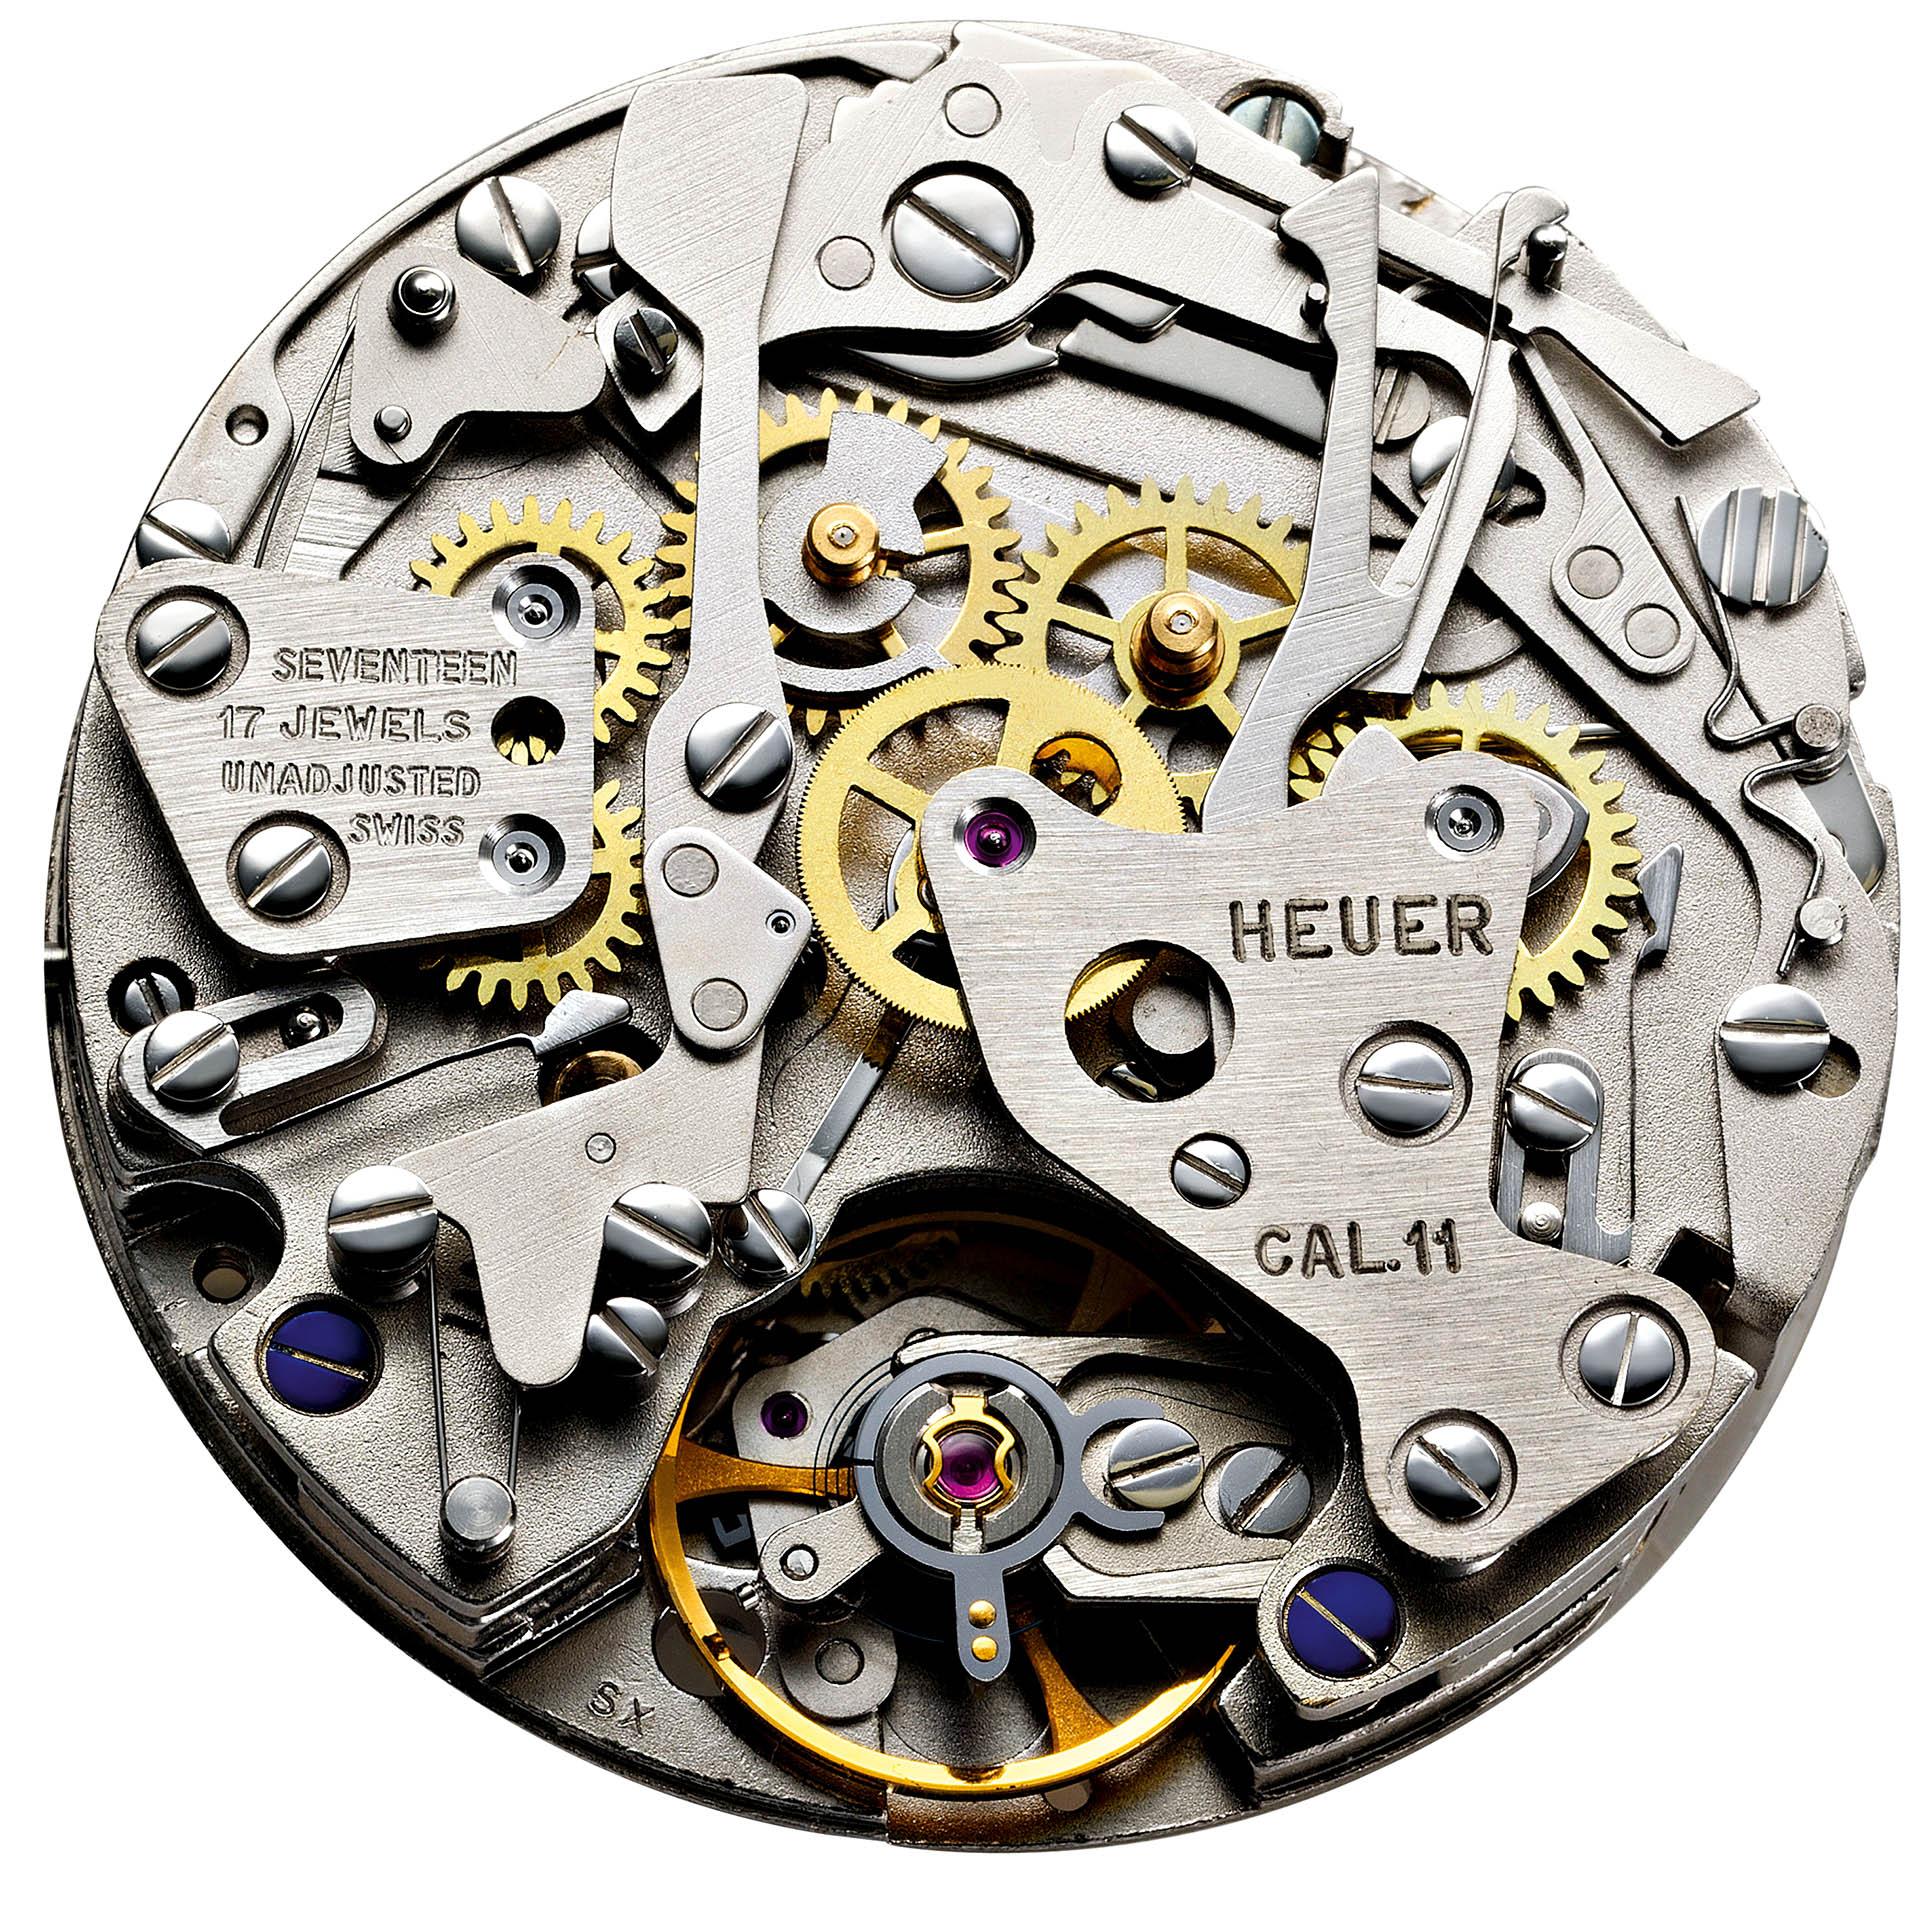 Automatikchronograph Kaliber 11 von Heuer und Breitling